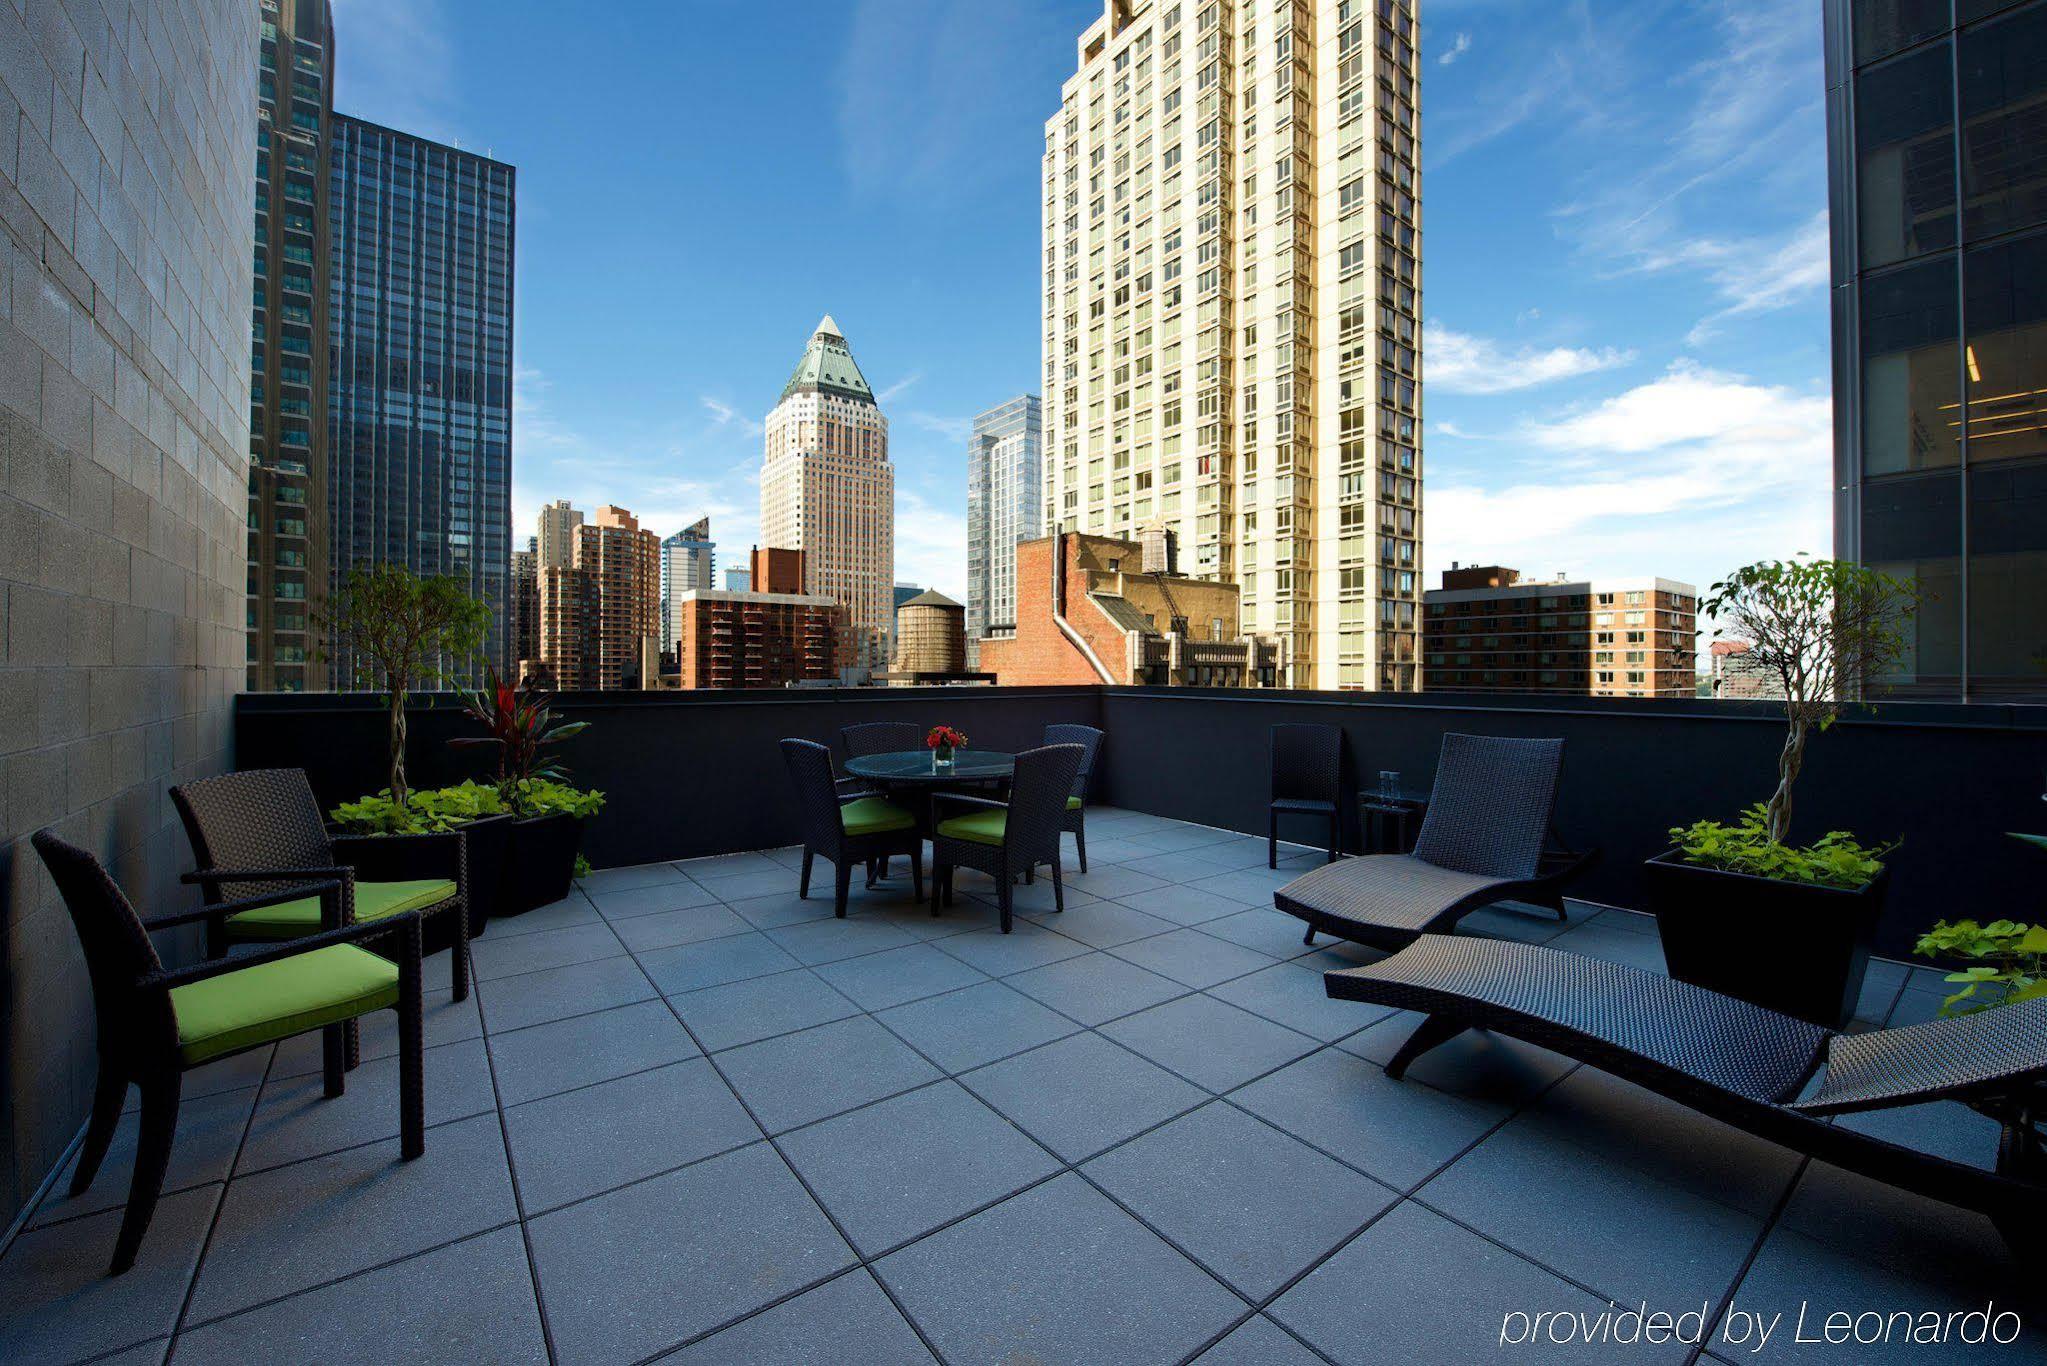 Hilton garden inn new york central park south midtown - Hilton garden inn central park south ...